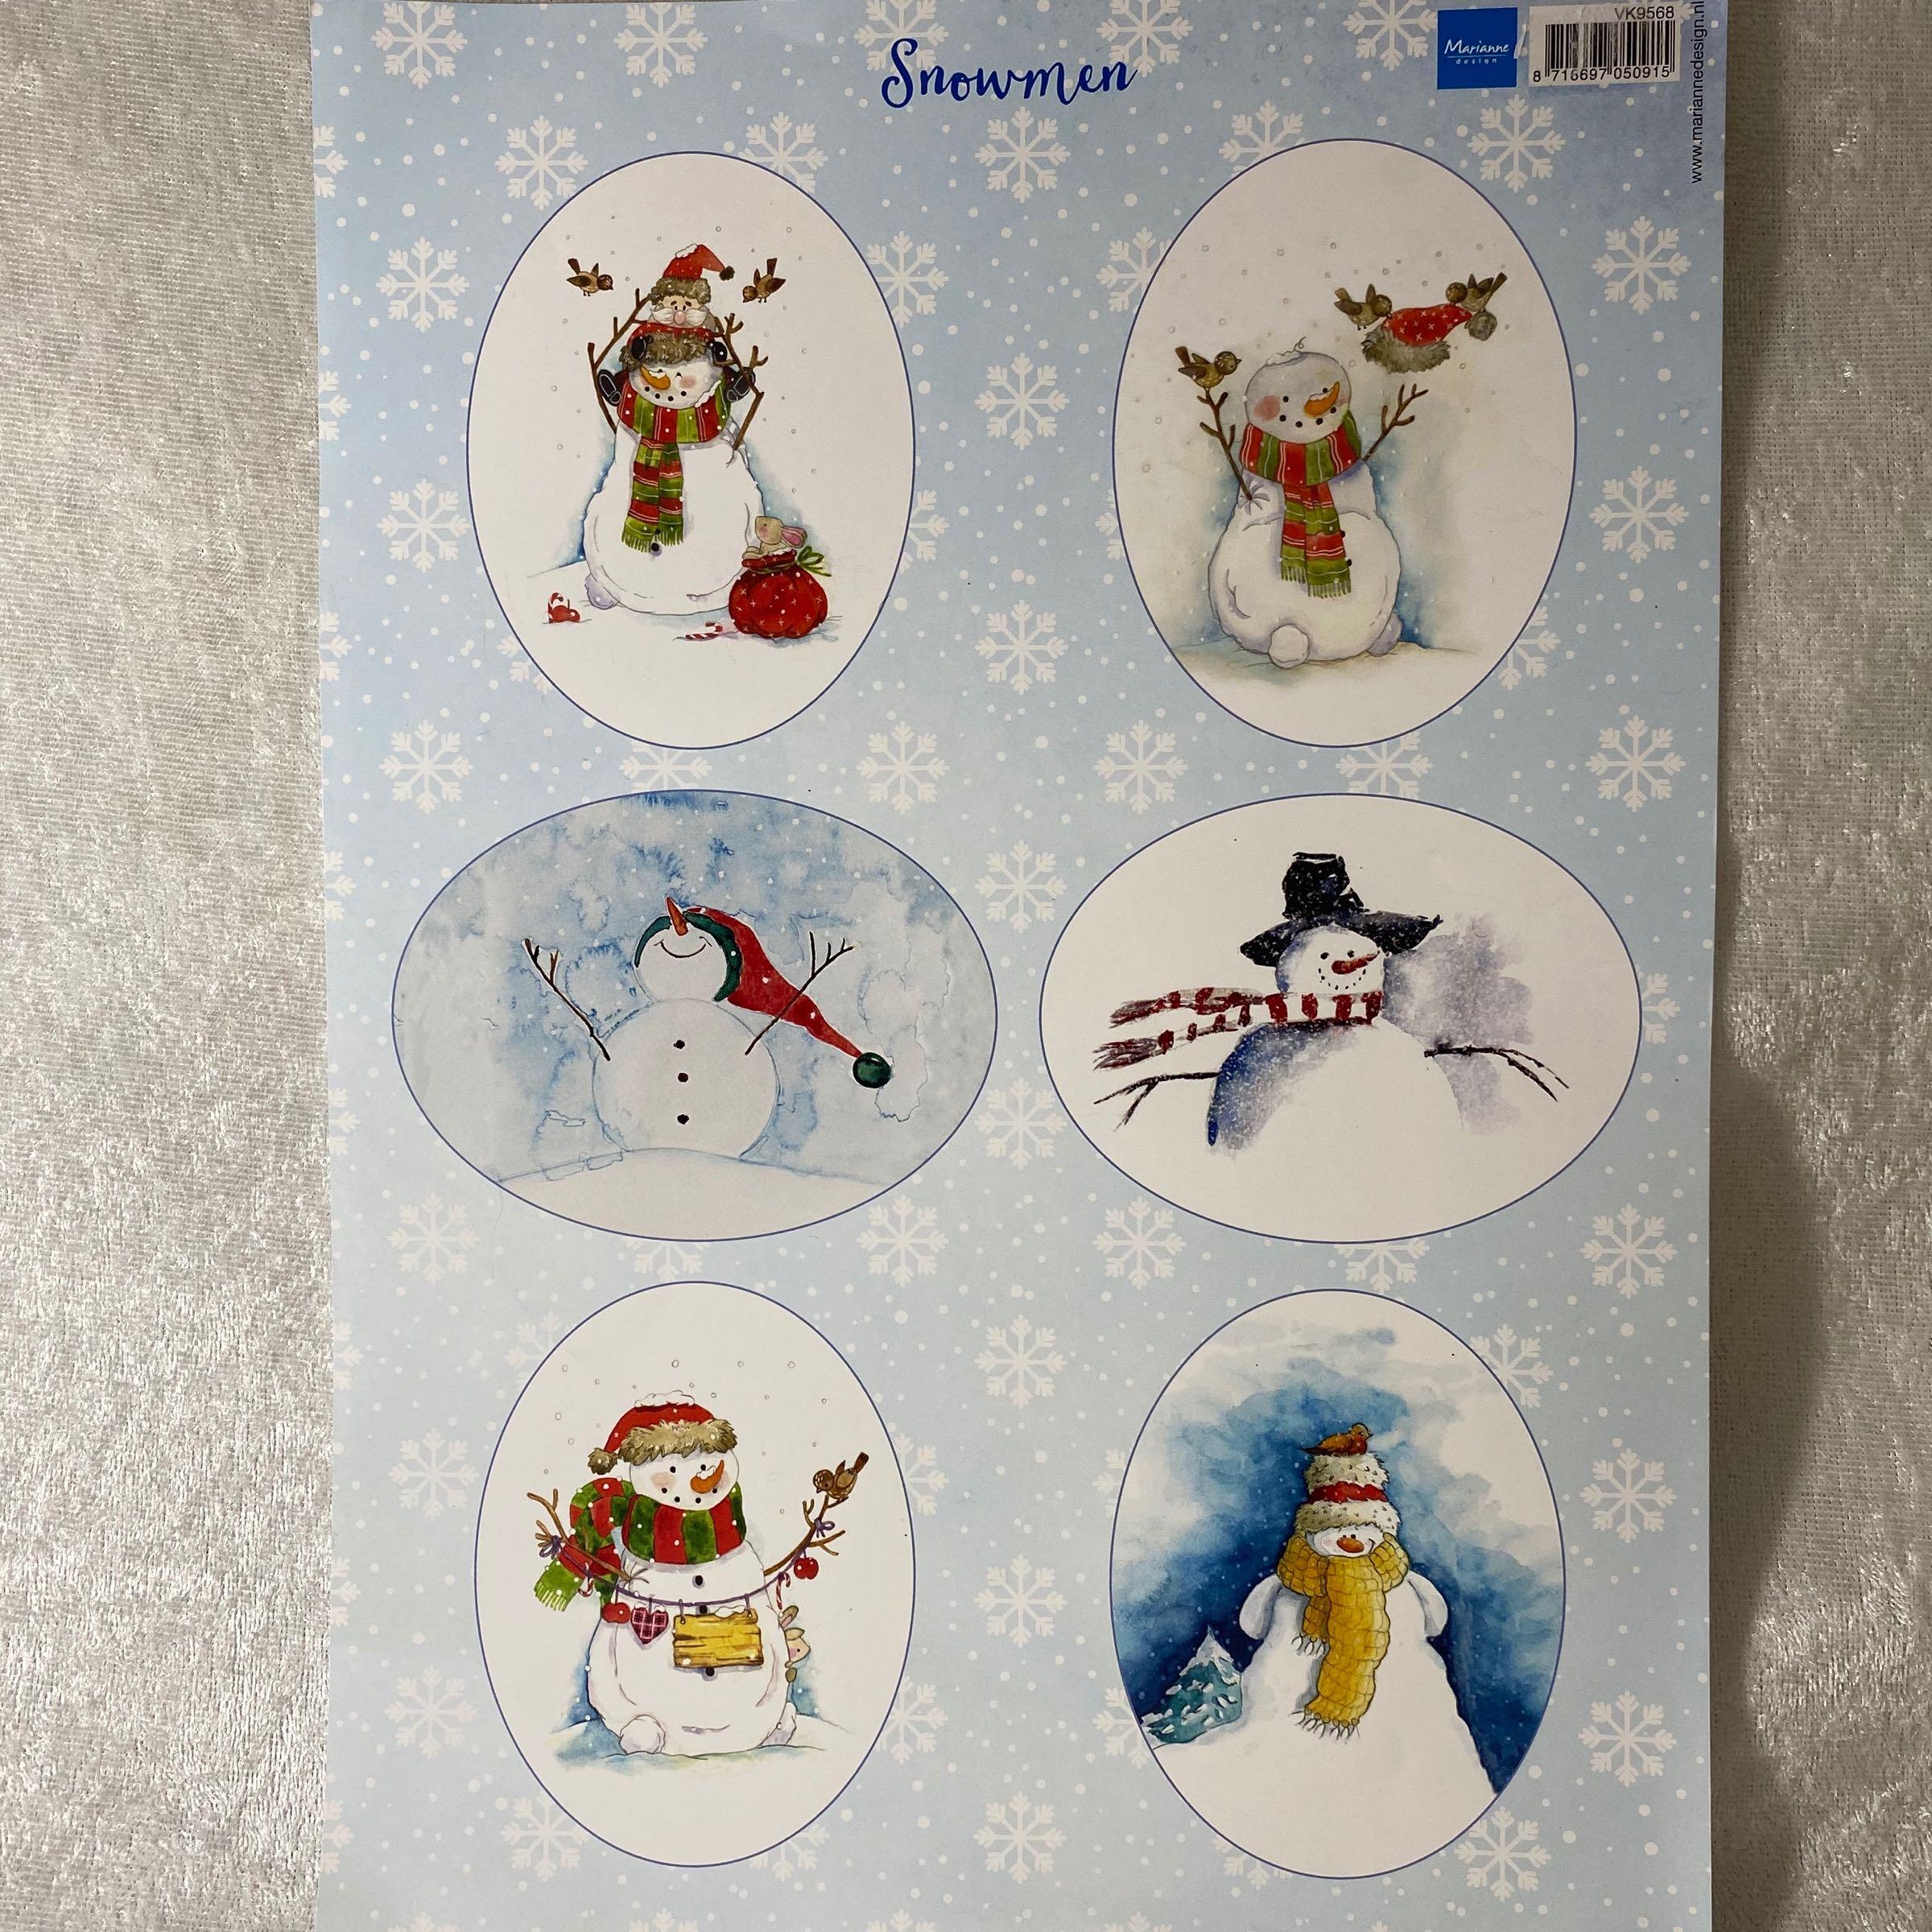 marianne design motivark A4 snowman